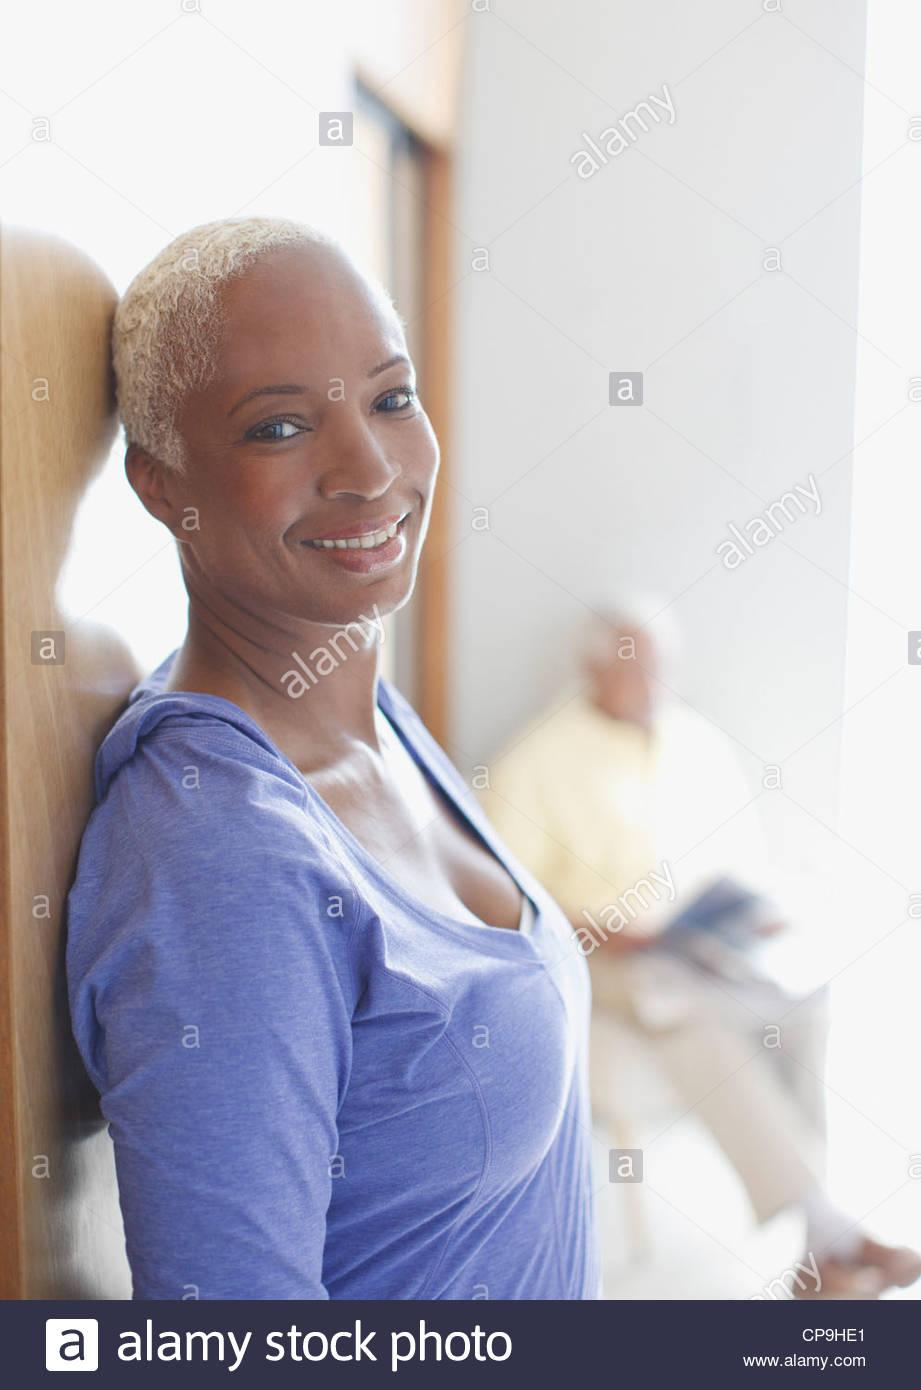 Años 55-59,60-64 años,California,ropa casual,color image,confianza,día,vida doméstica,se centran Imagen De Stock